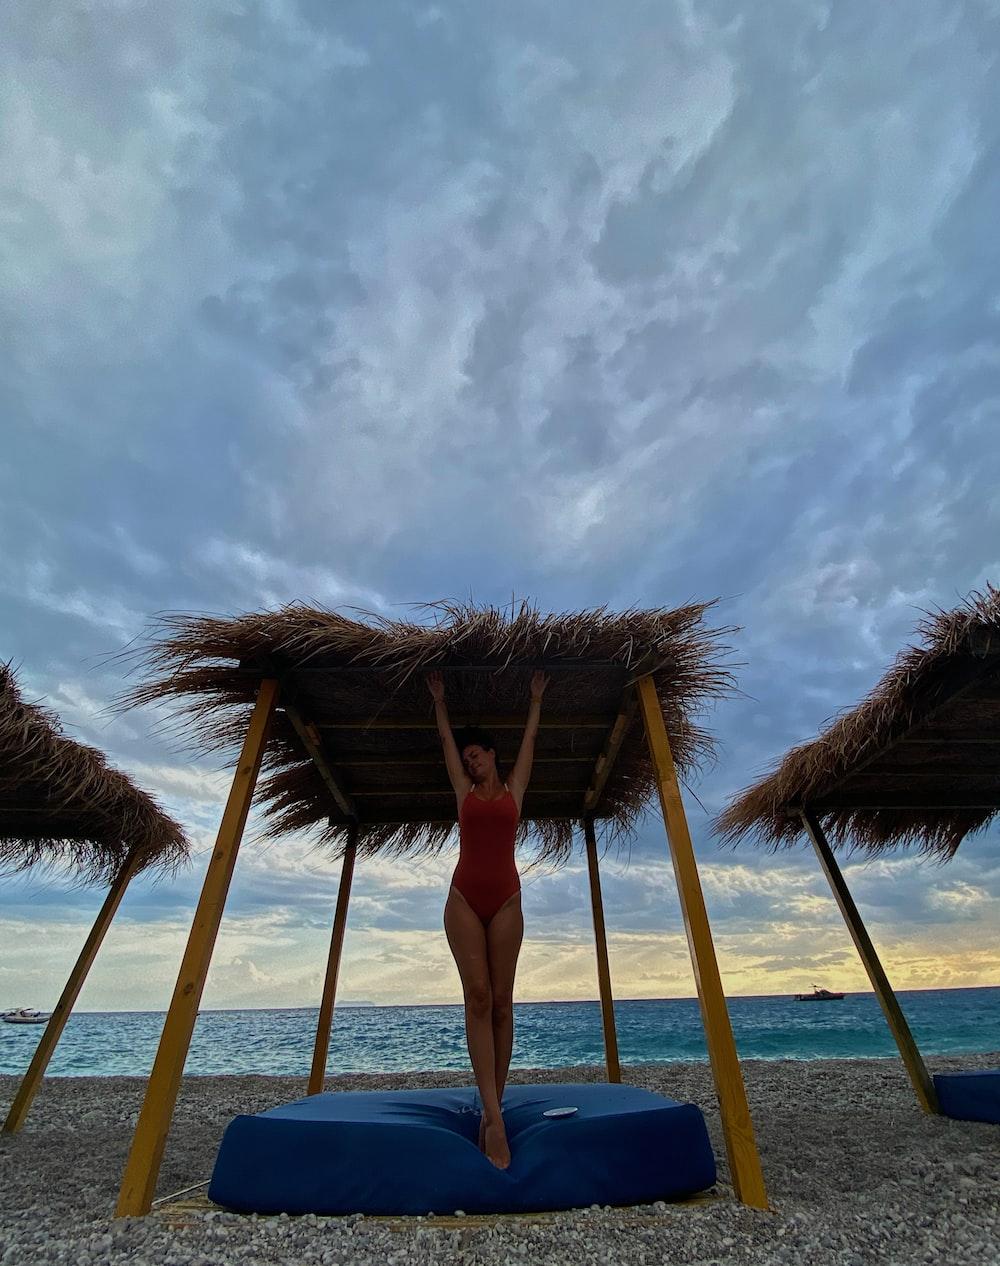 woman in red bikini standing on beach